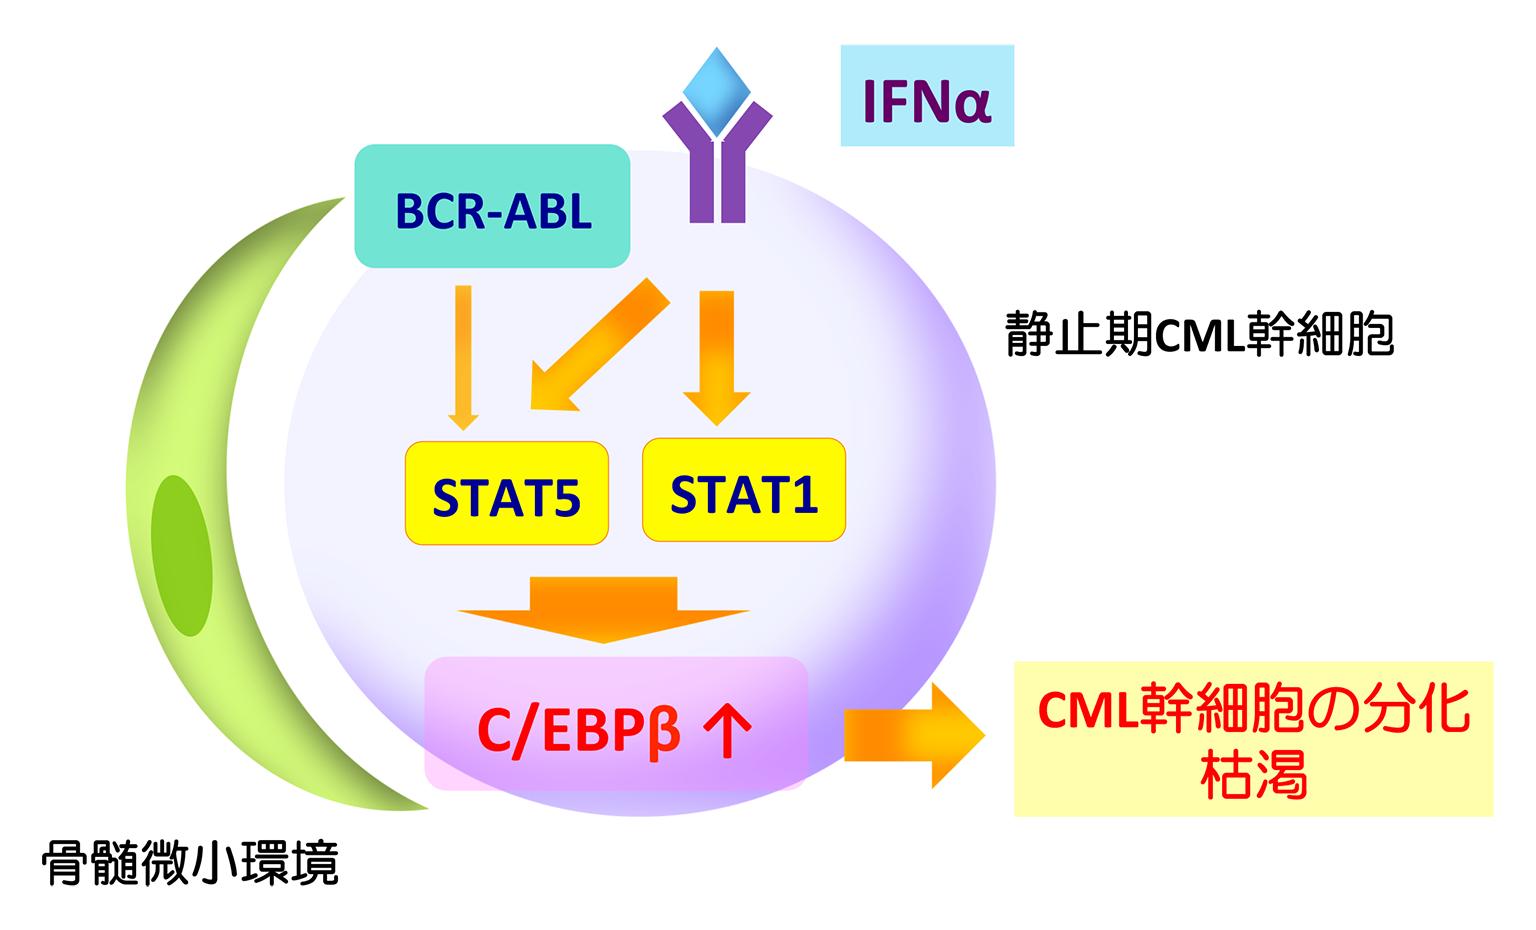 図 C/EBPβを介したCML幹細胞に対するIFNαの作用